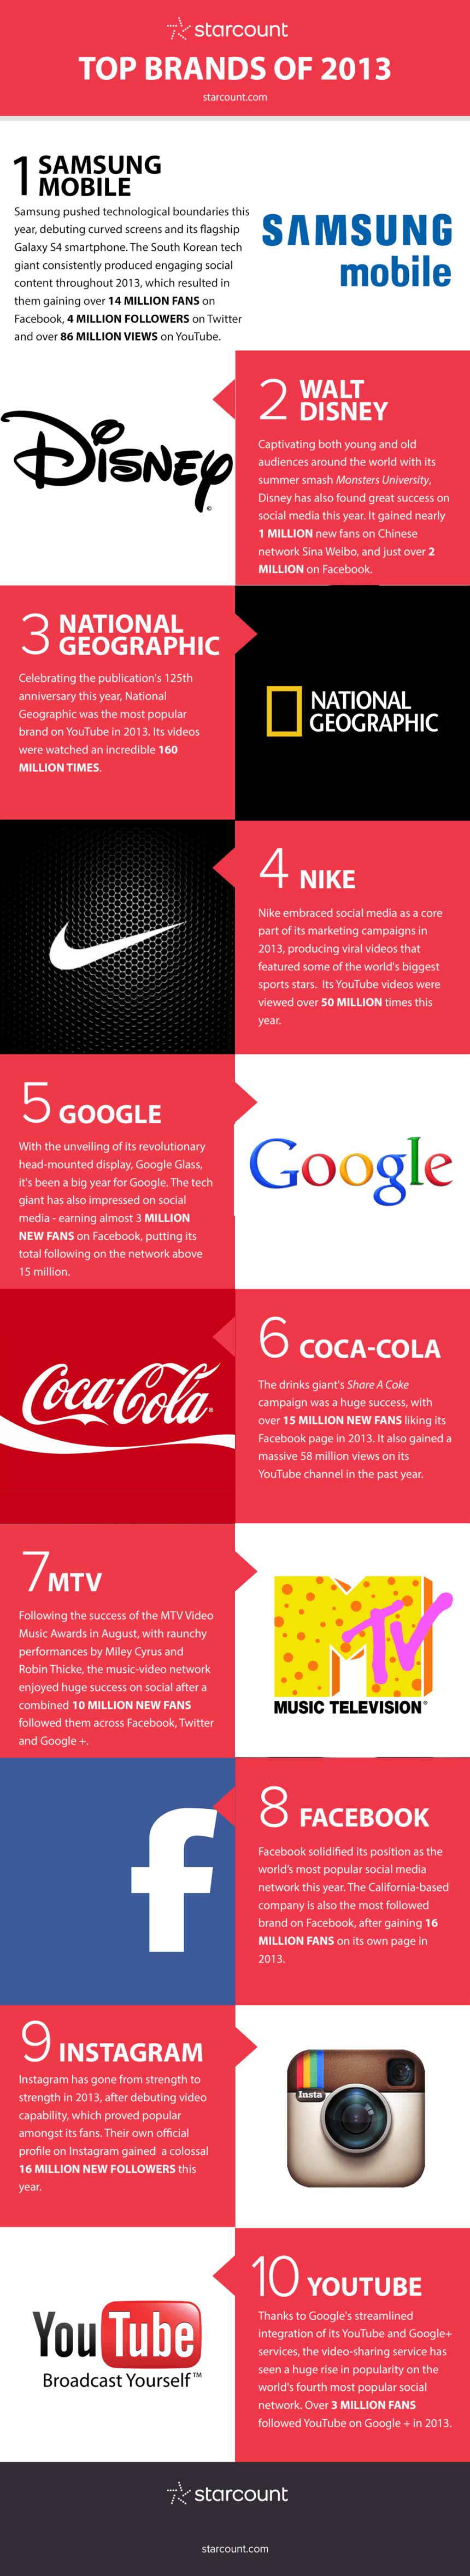 Top 10 marcas en Redes Sociales en 2013